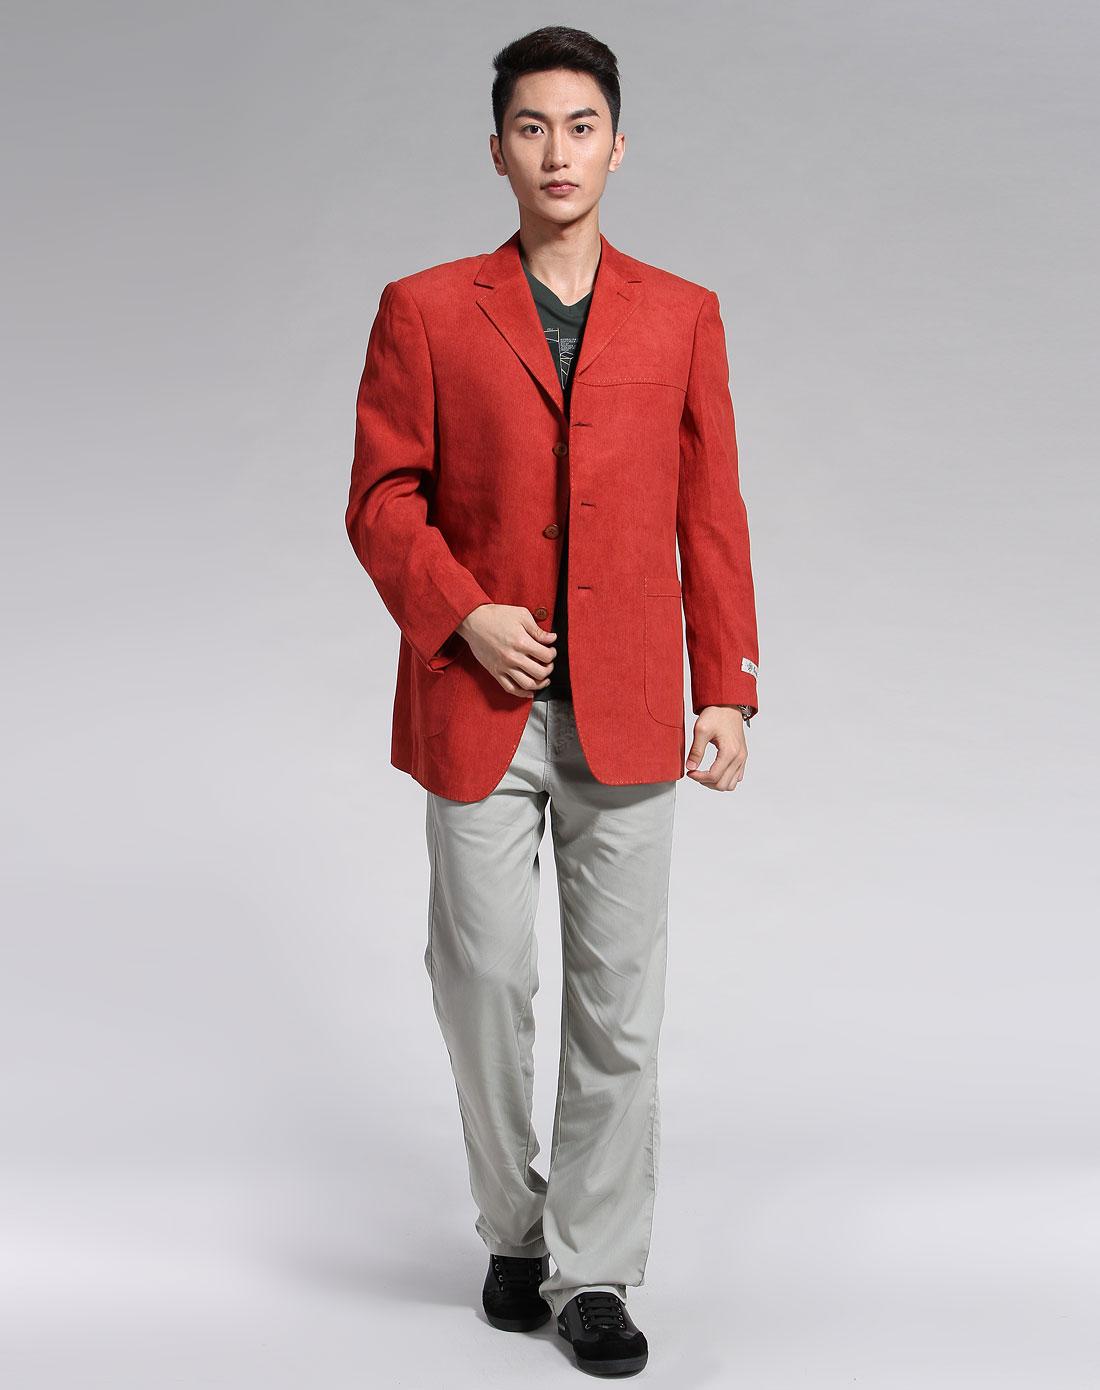 橘红色暗纹时尚长袖西装外套